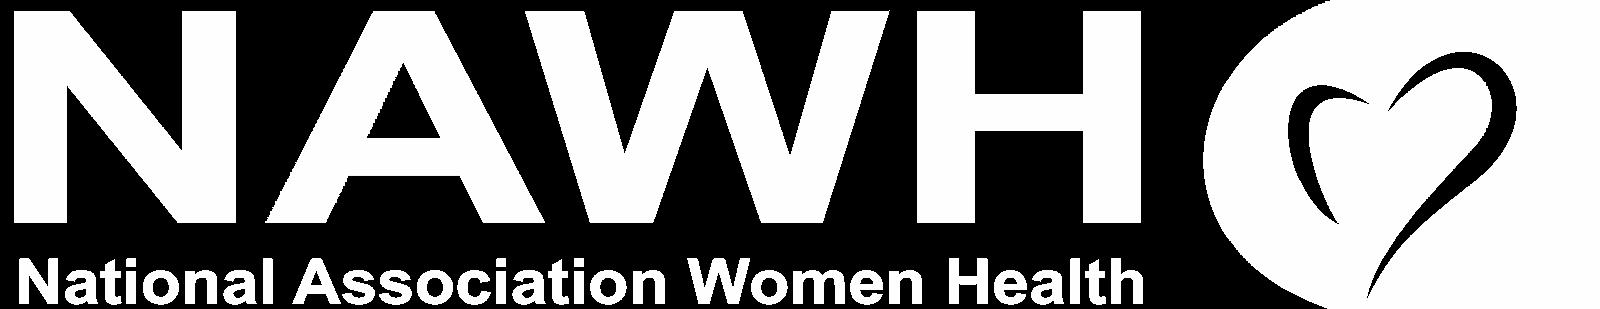 Женское здоровье - Национальная ассоциация акушеров - гинекологов и репродуктологов